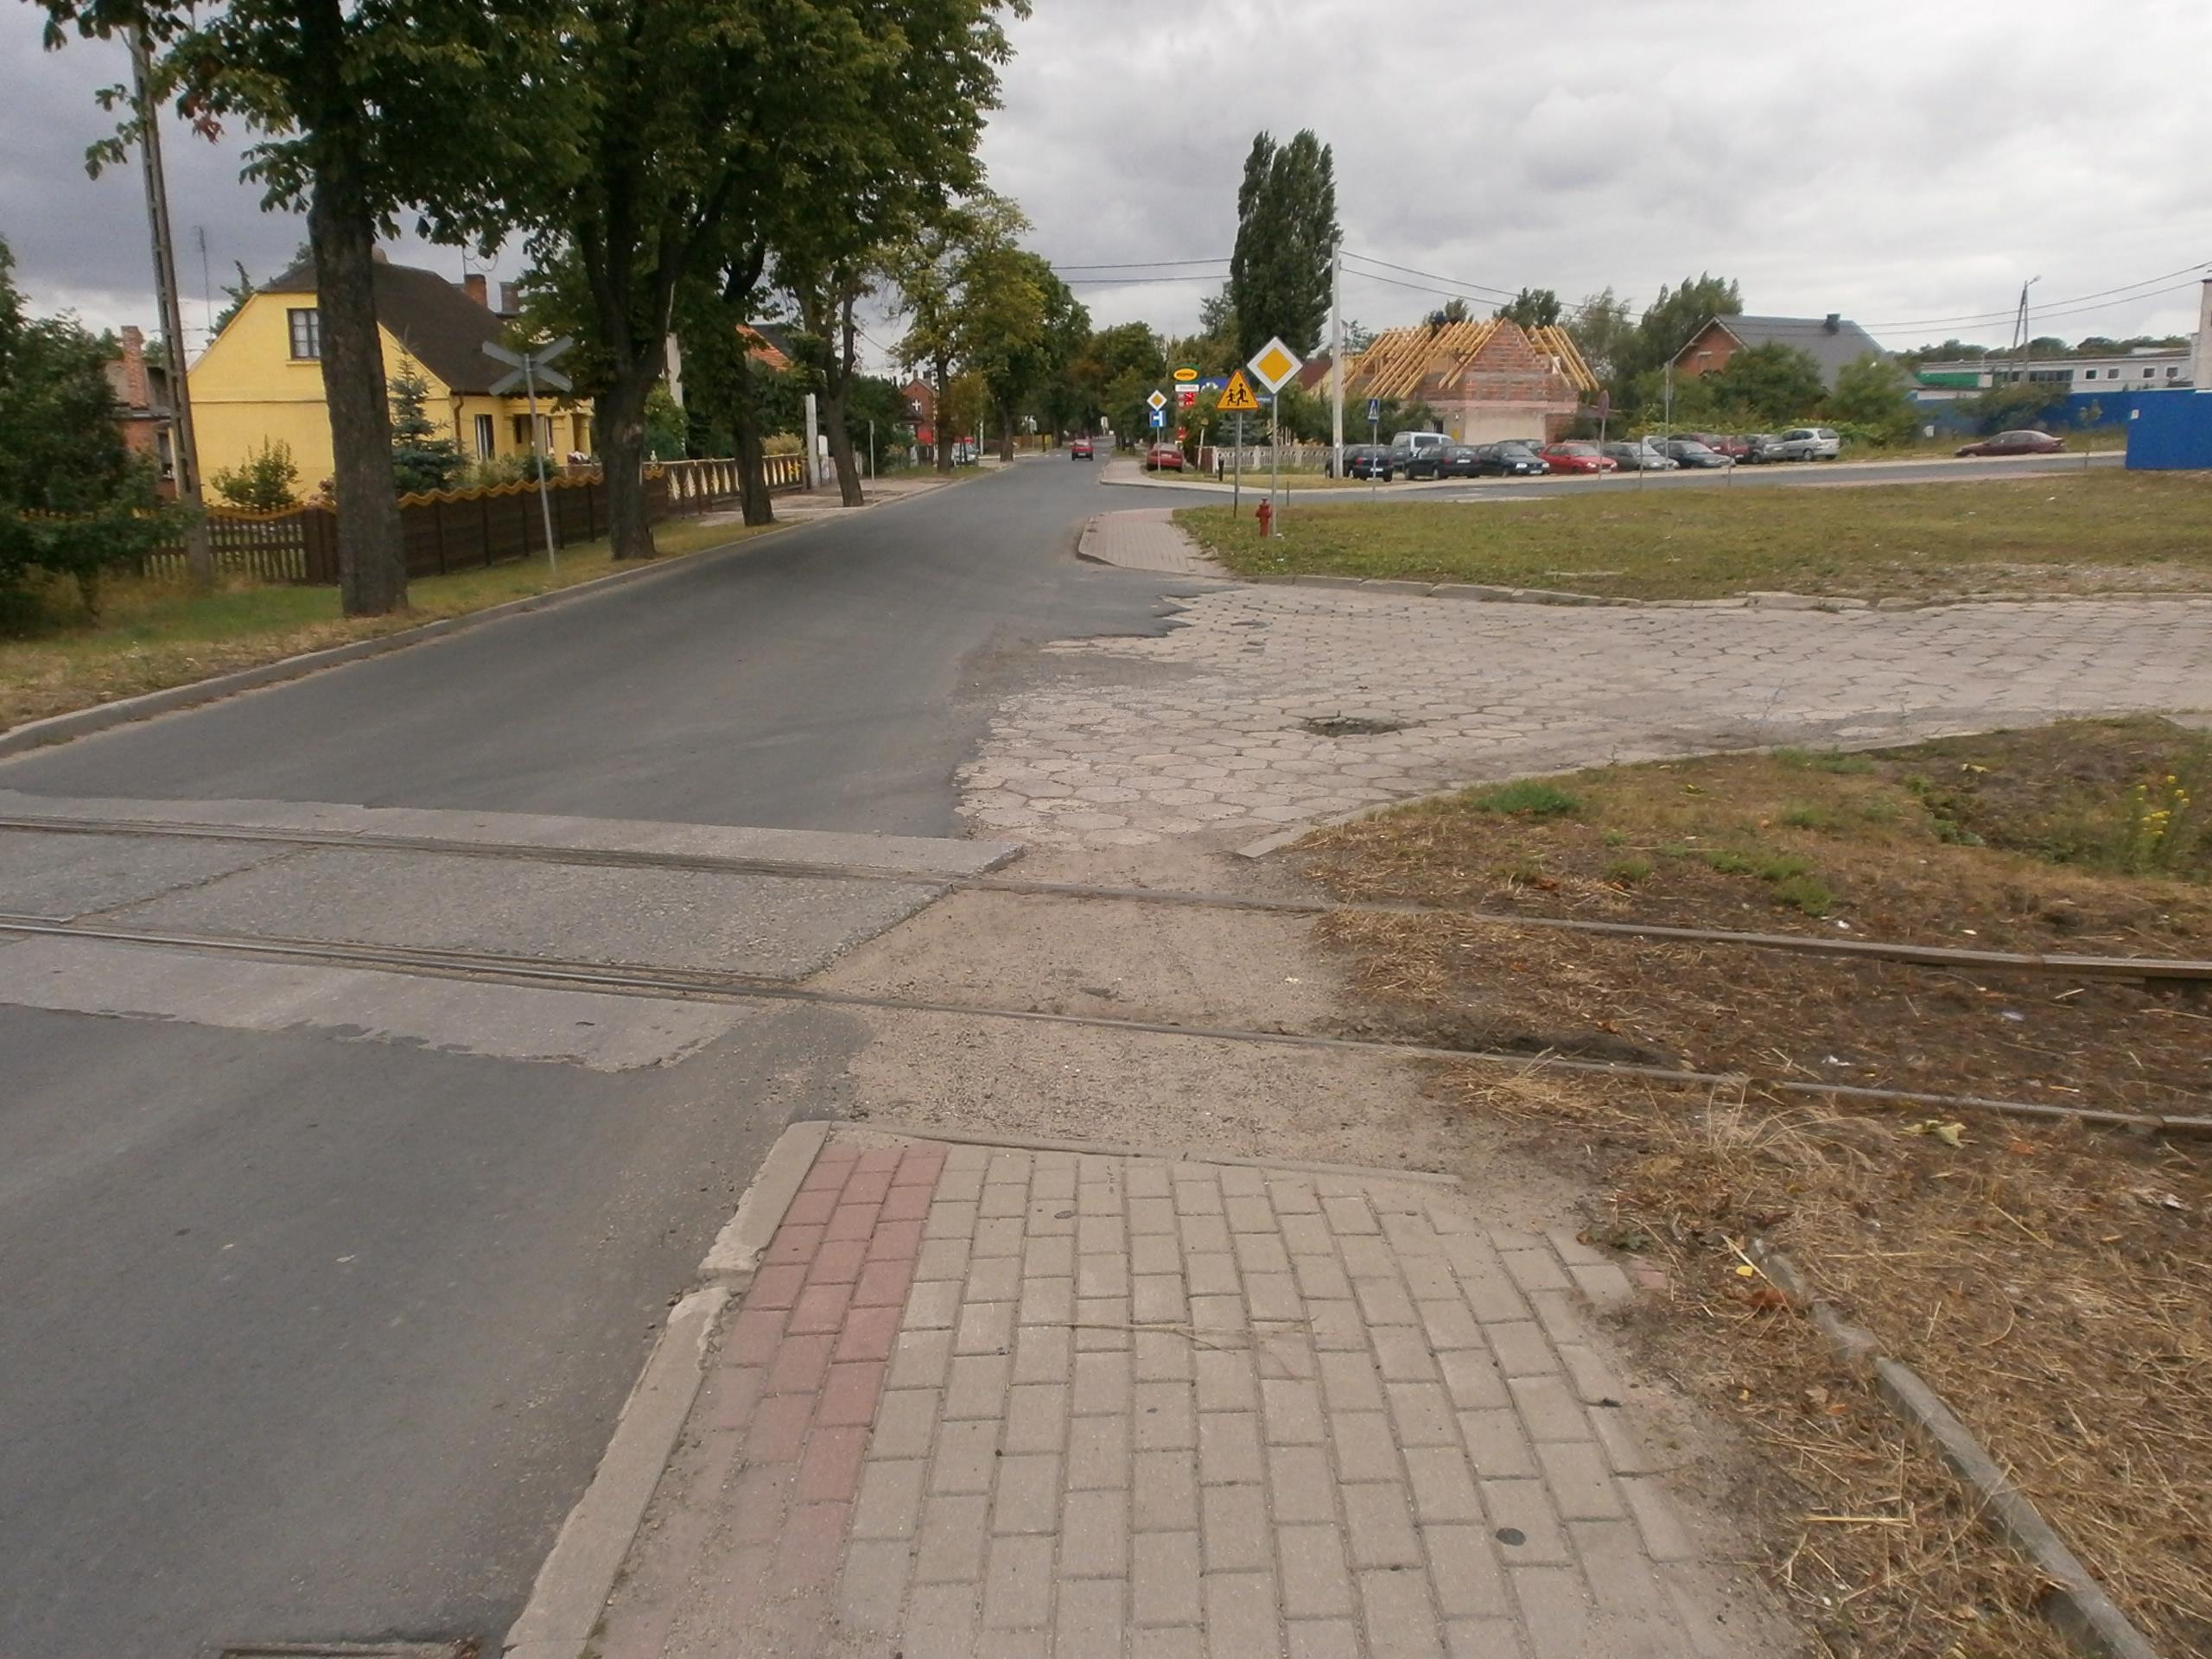 Tory kolejowe na chodniku